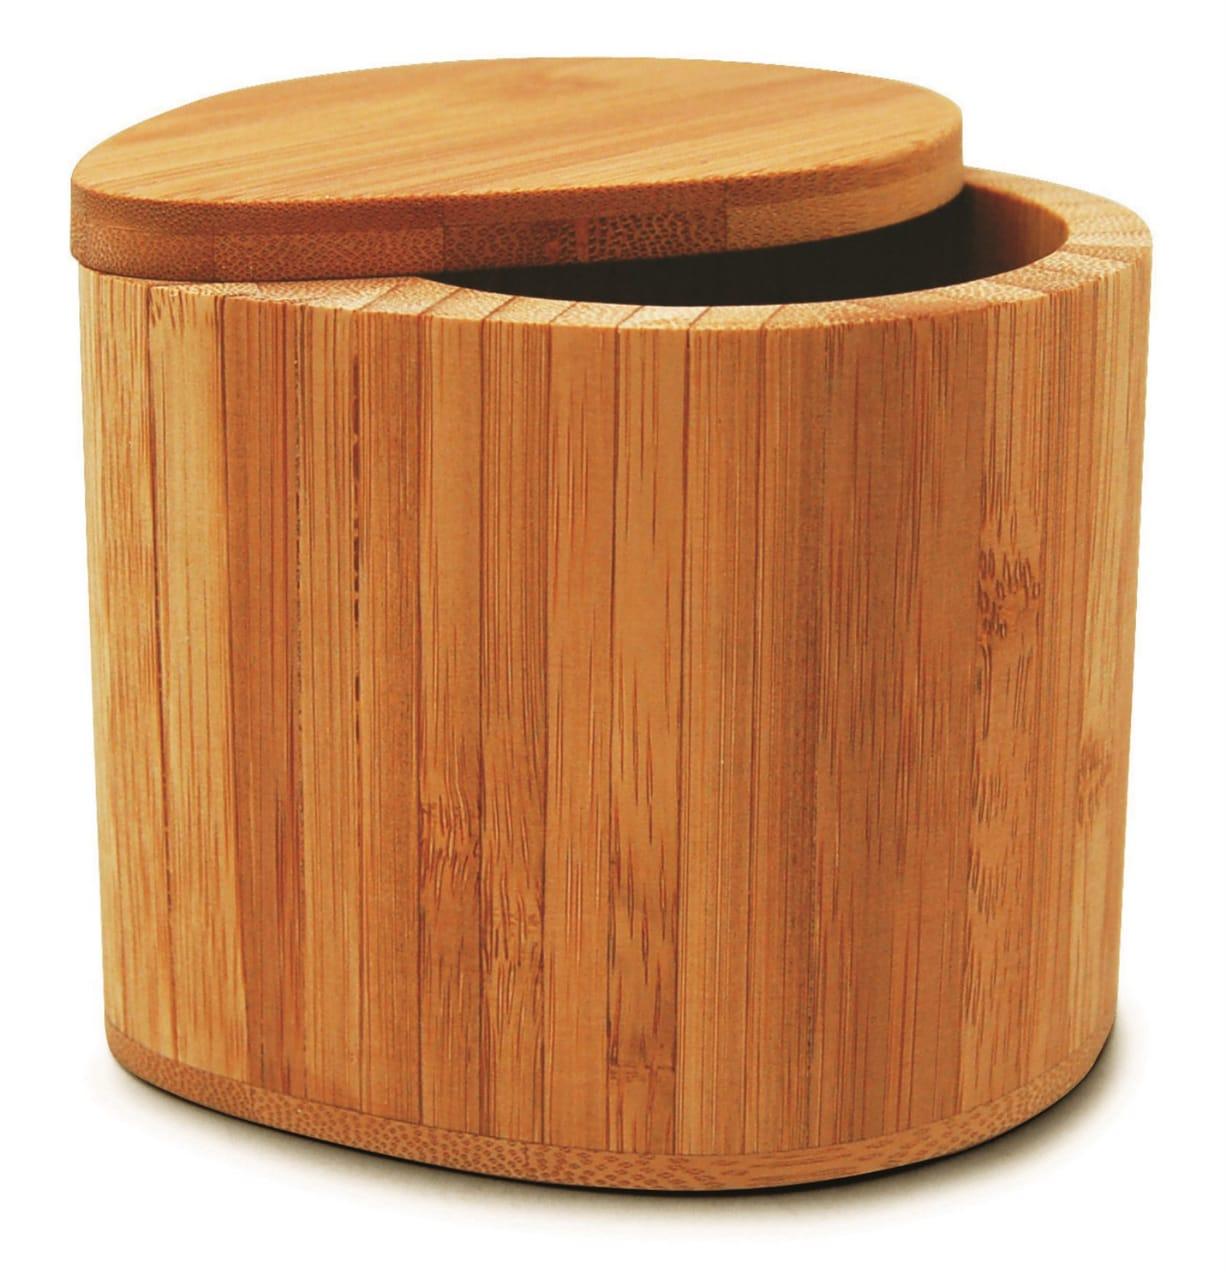 Saleiro de Bambu 12x12x10cm - Tyft